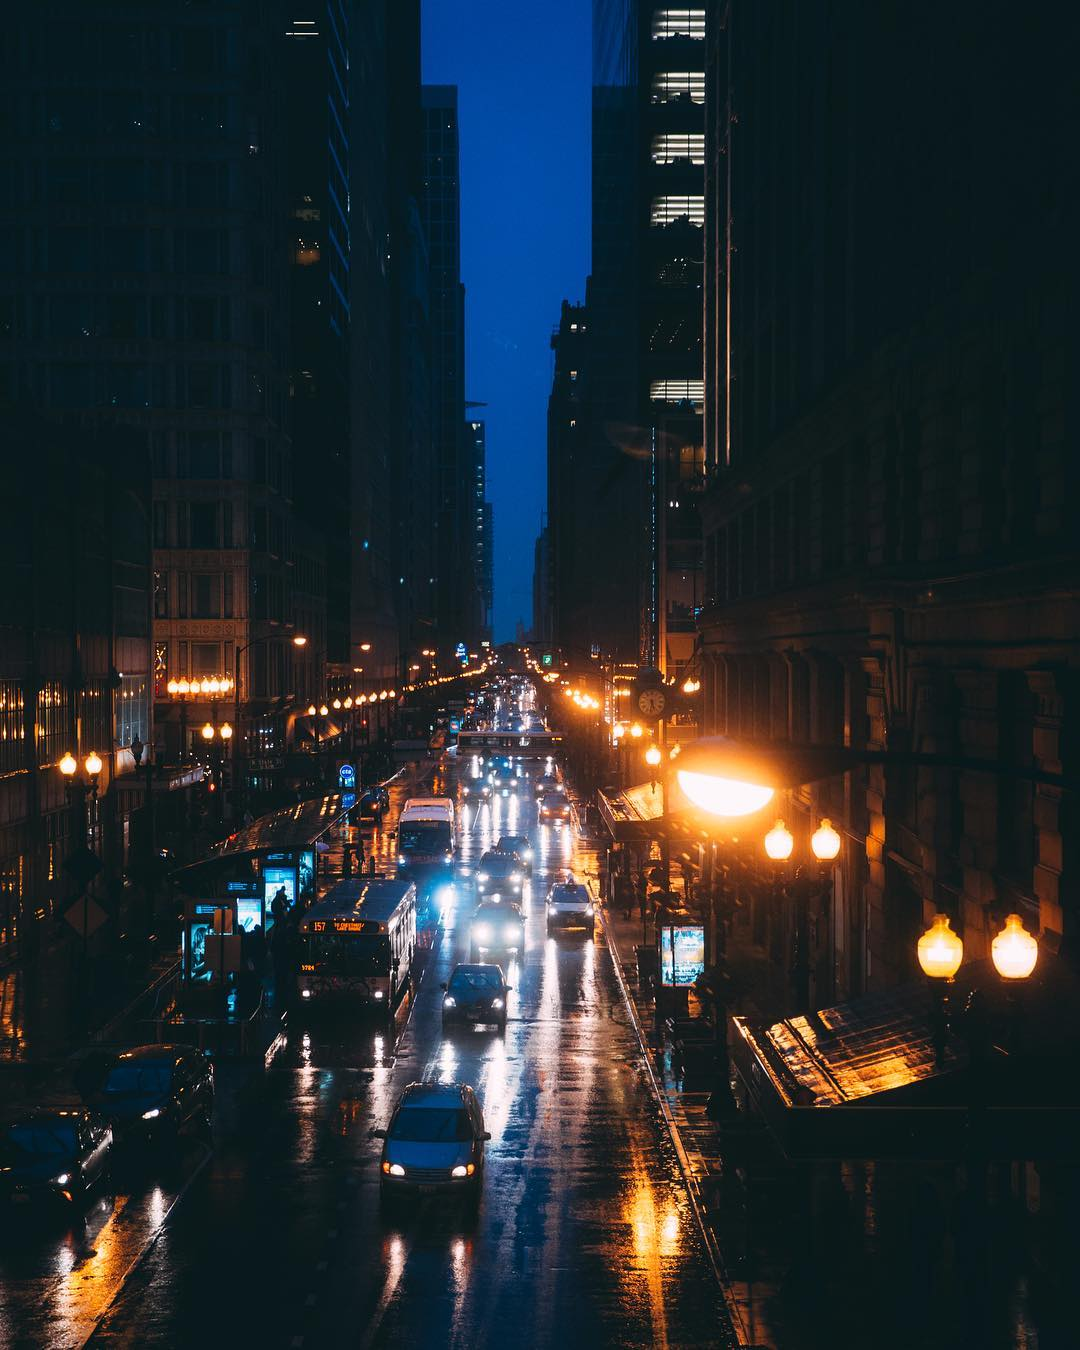 Атмосферные фотографии Чикаго Майкла Сэлисбери